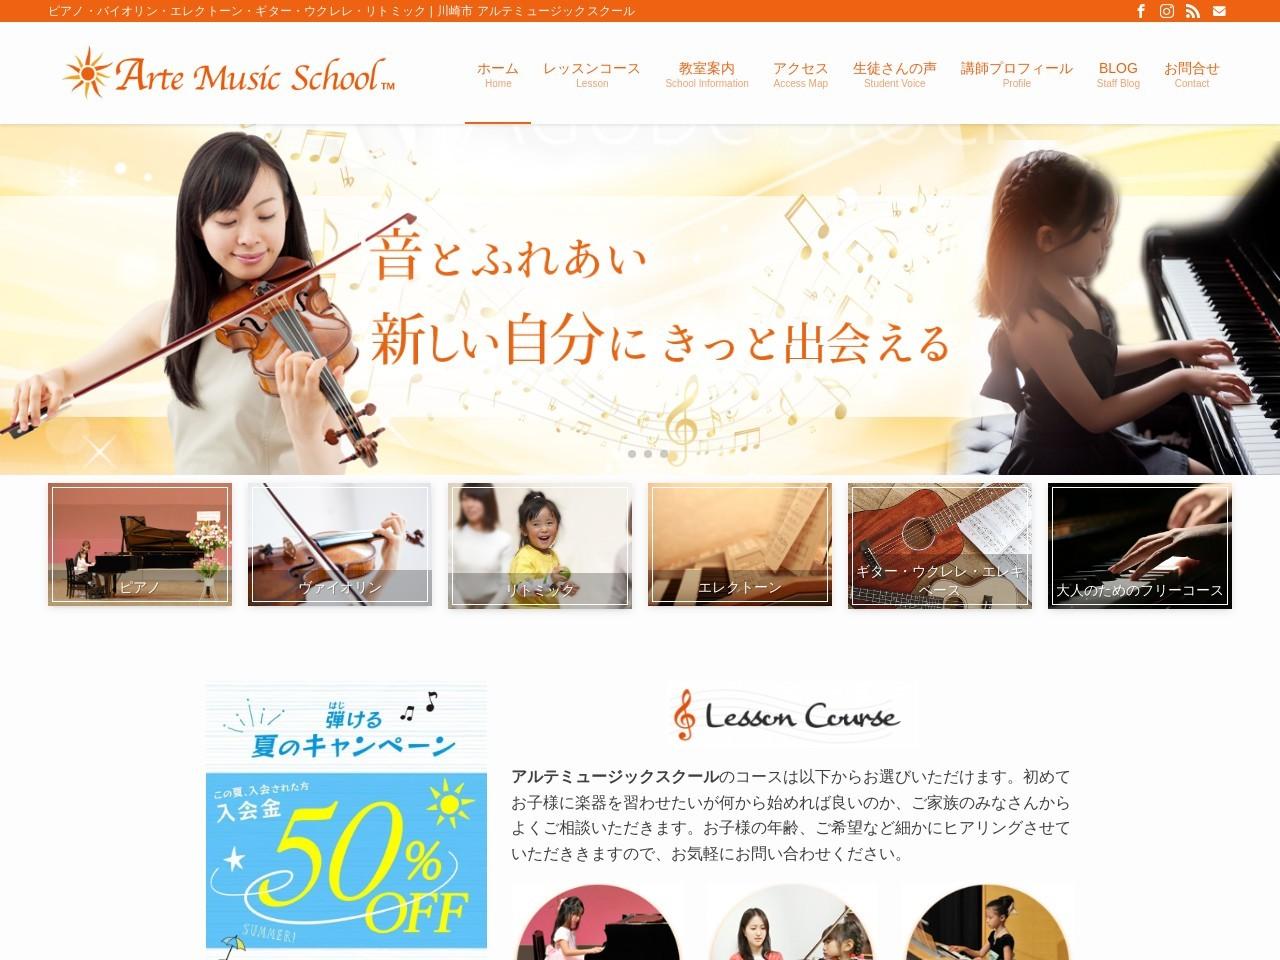 アルテミュージックスクールのサムネイル